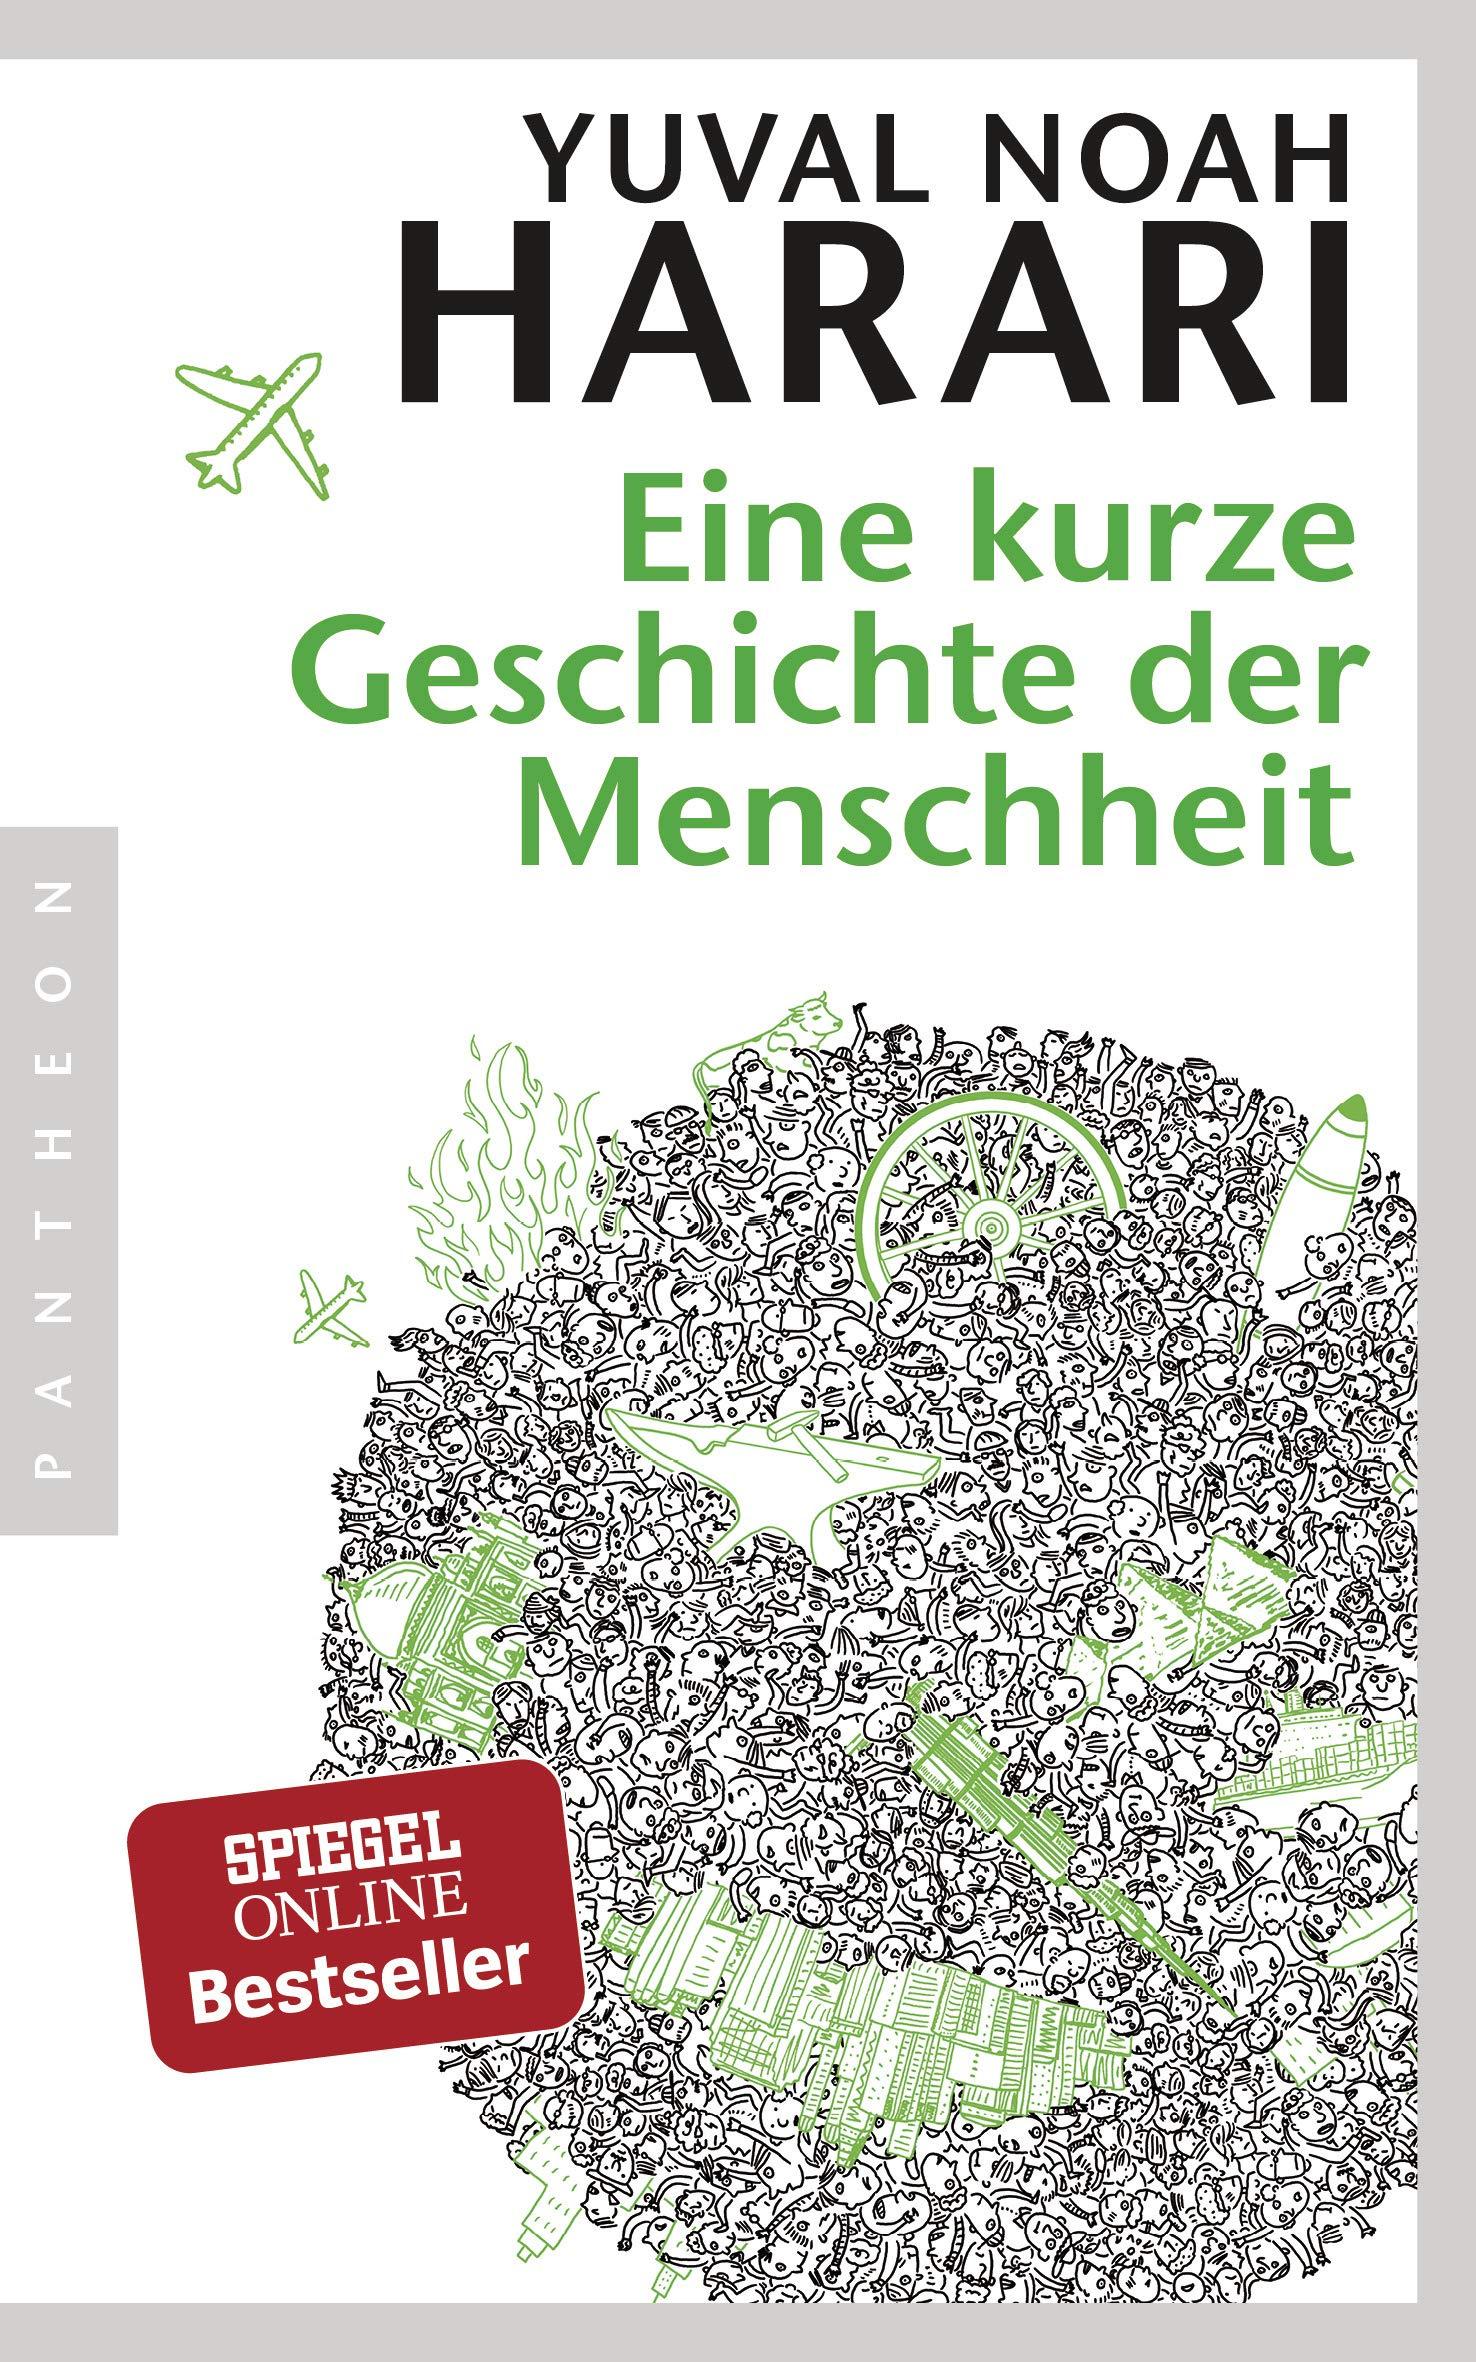 Eine kurze Geschichte der Menschheit: Amazon.de: Harari, Yuval Noah, Neubauer, Jürgen: Bücher